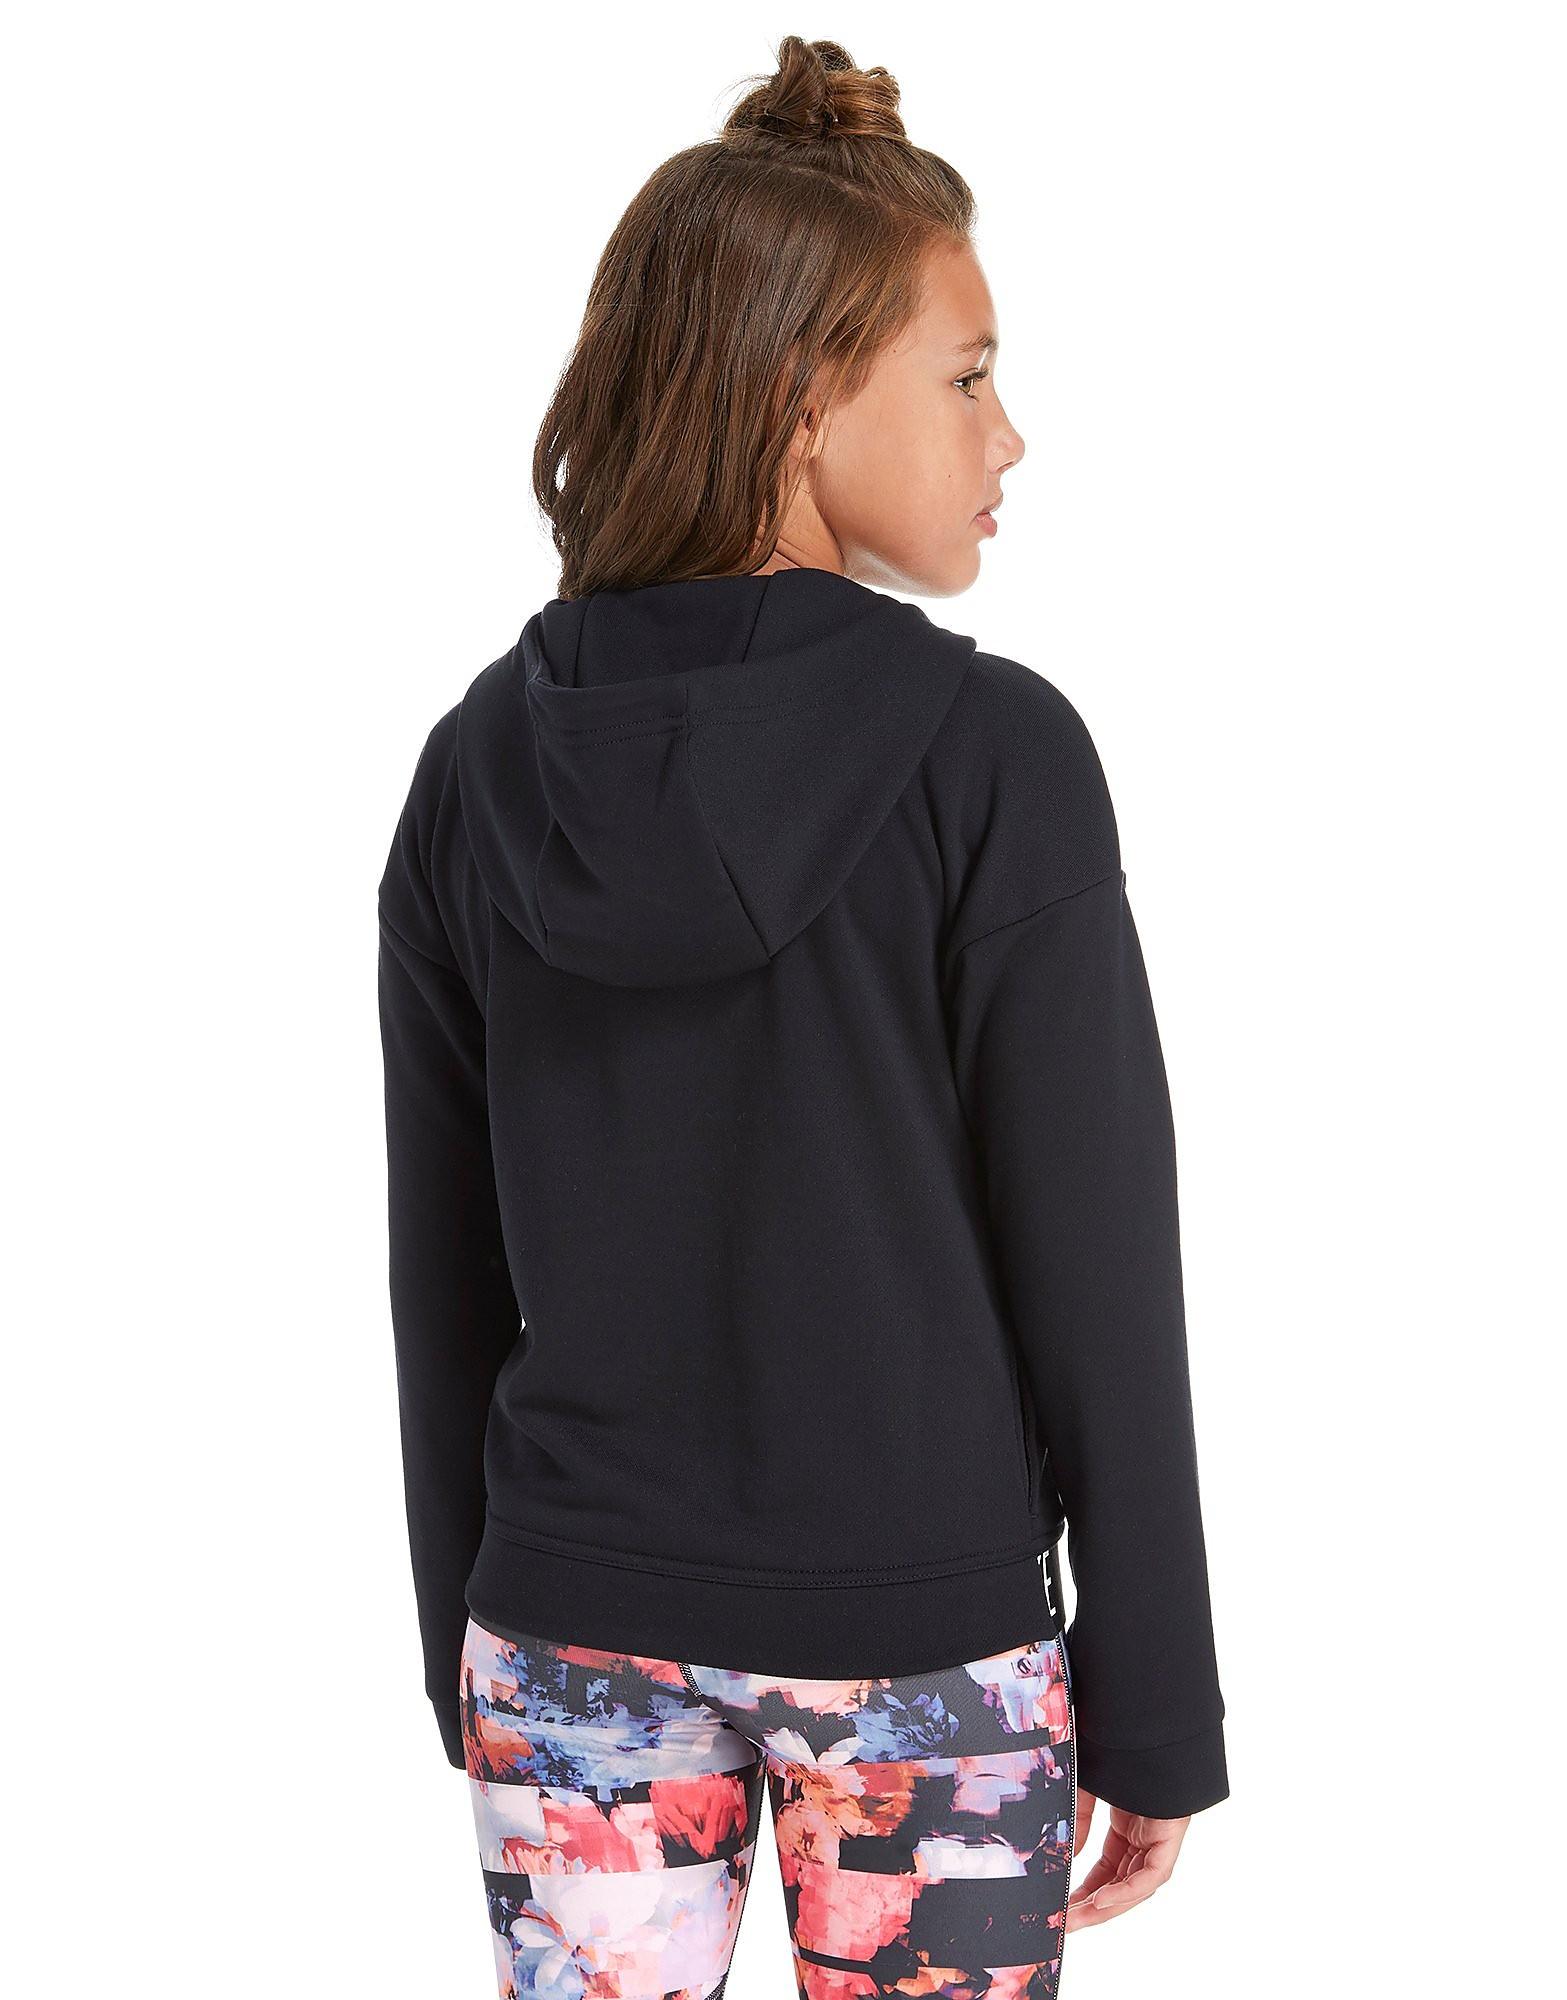 Nike Girls' Training Full Zip Hoodie Junior